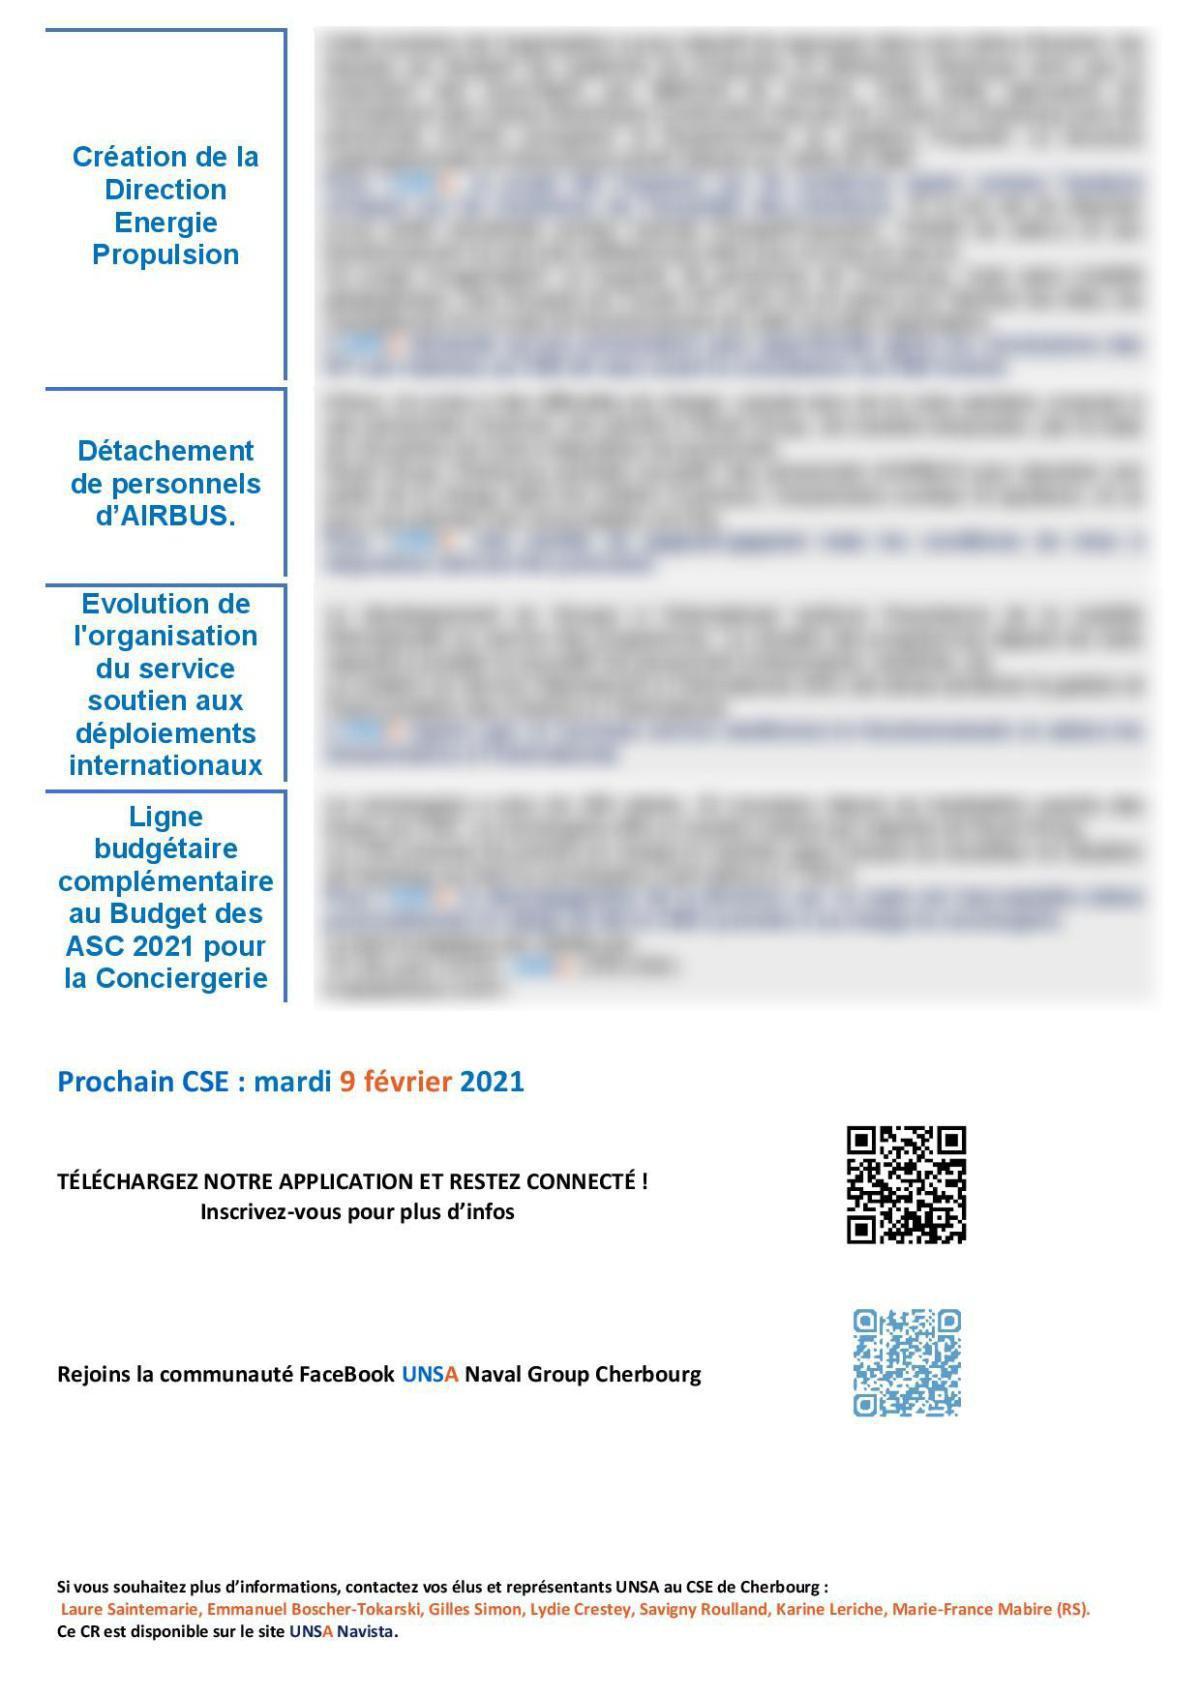 Réunion du 14 janvier 2021 - Compte Rendu